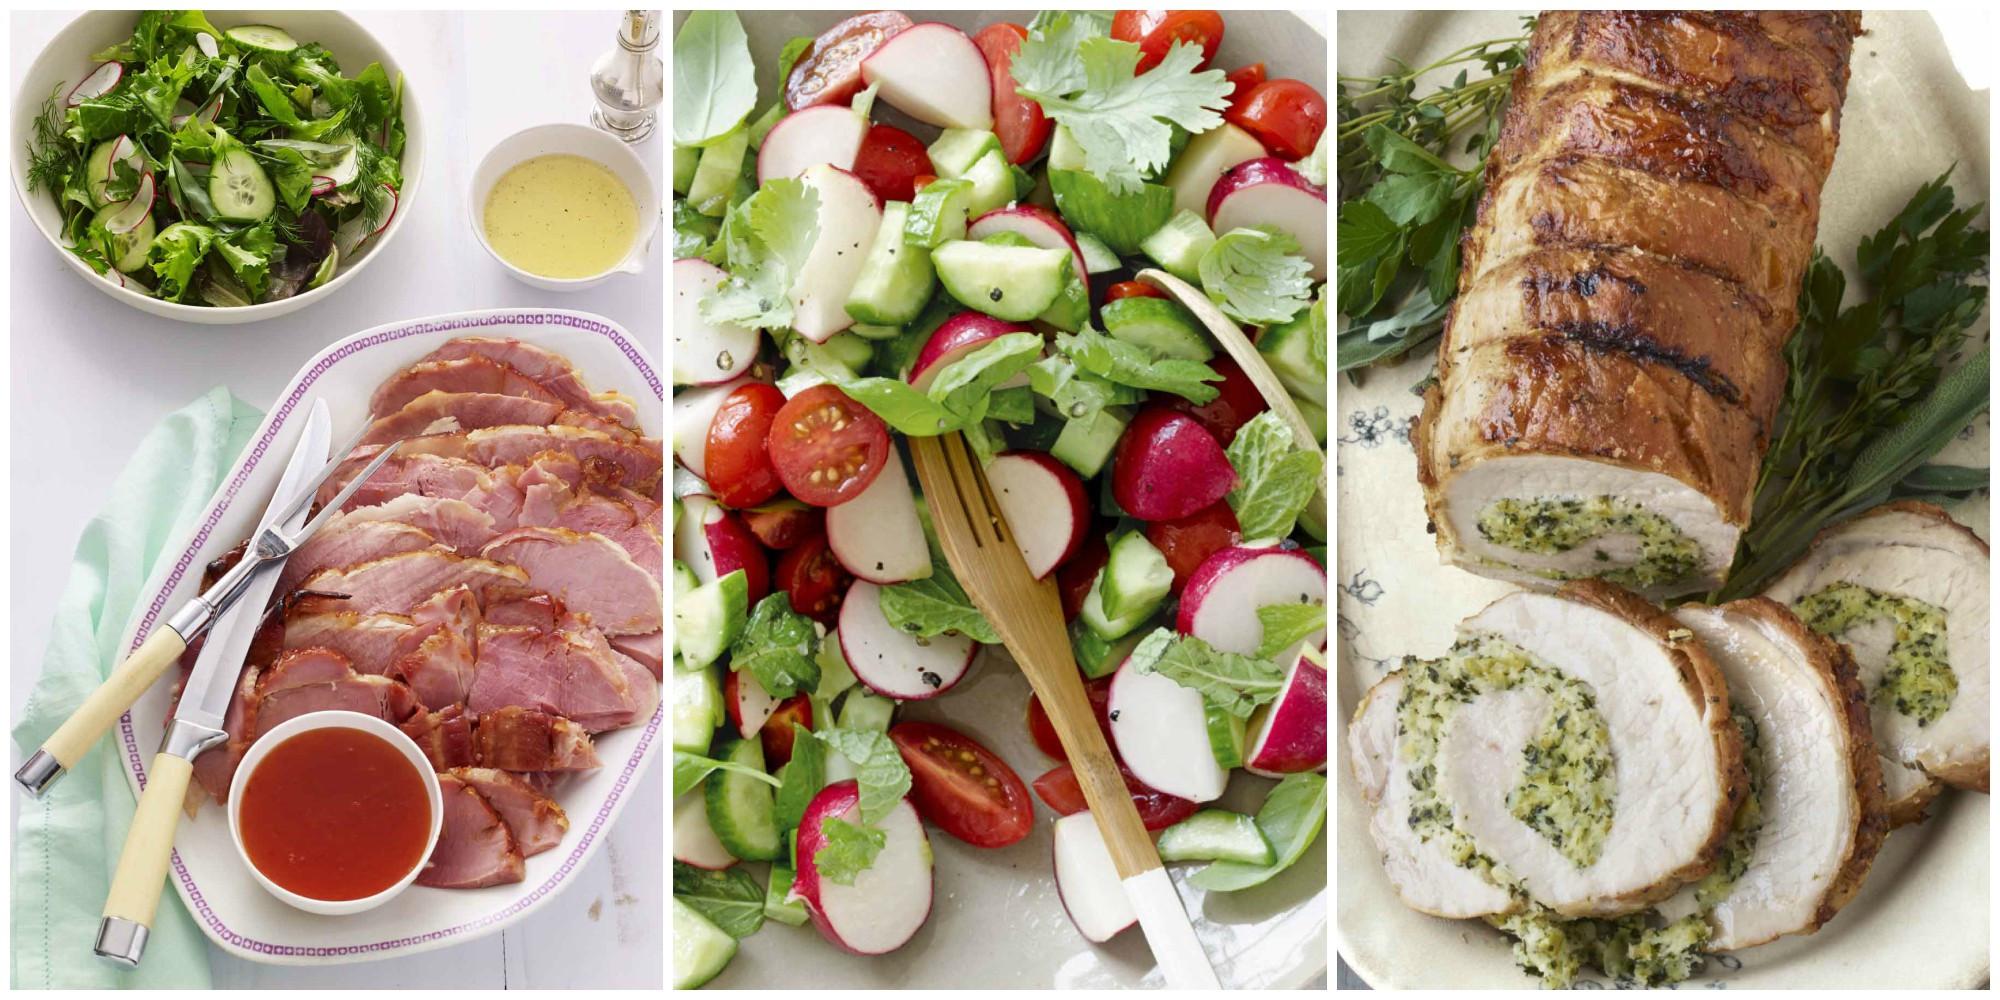 Best Easter Dinner  21 Easy Easter Dinner Ideas Recipes for the Best Easter